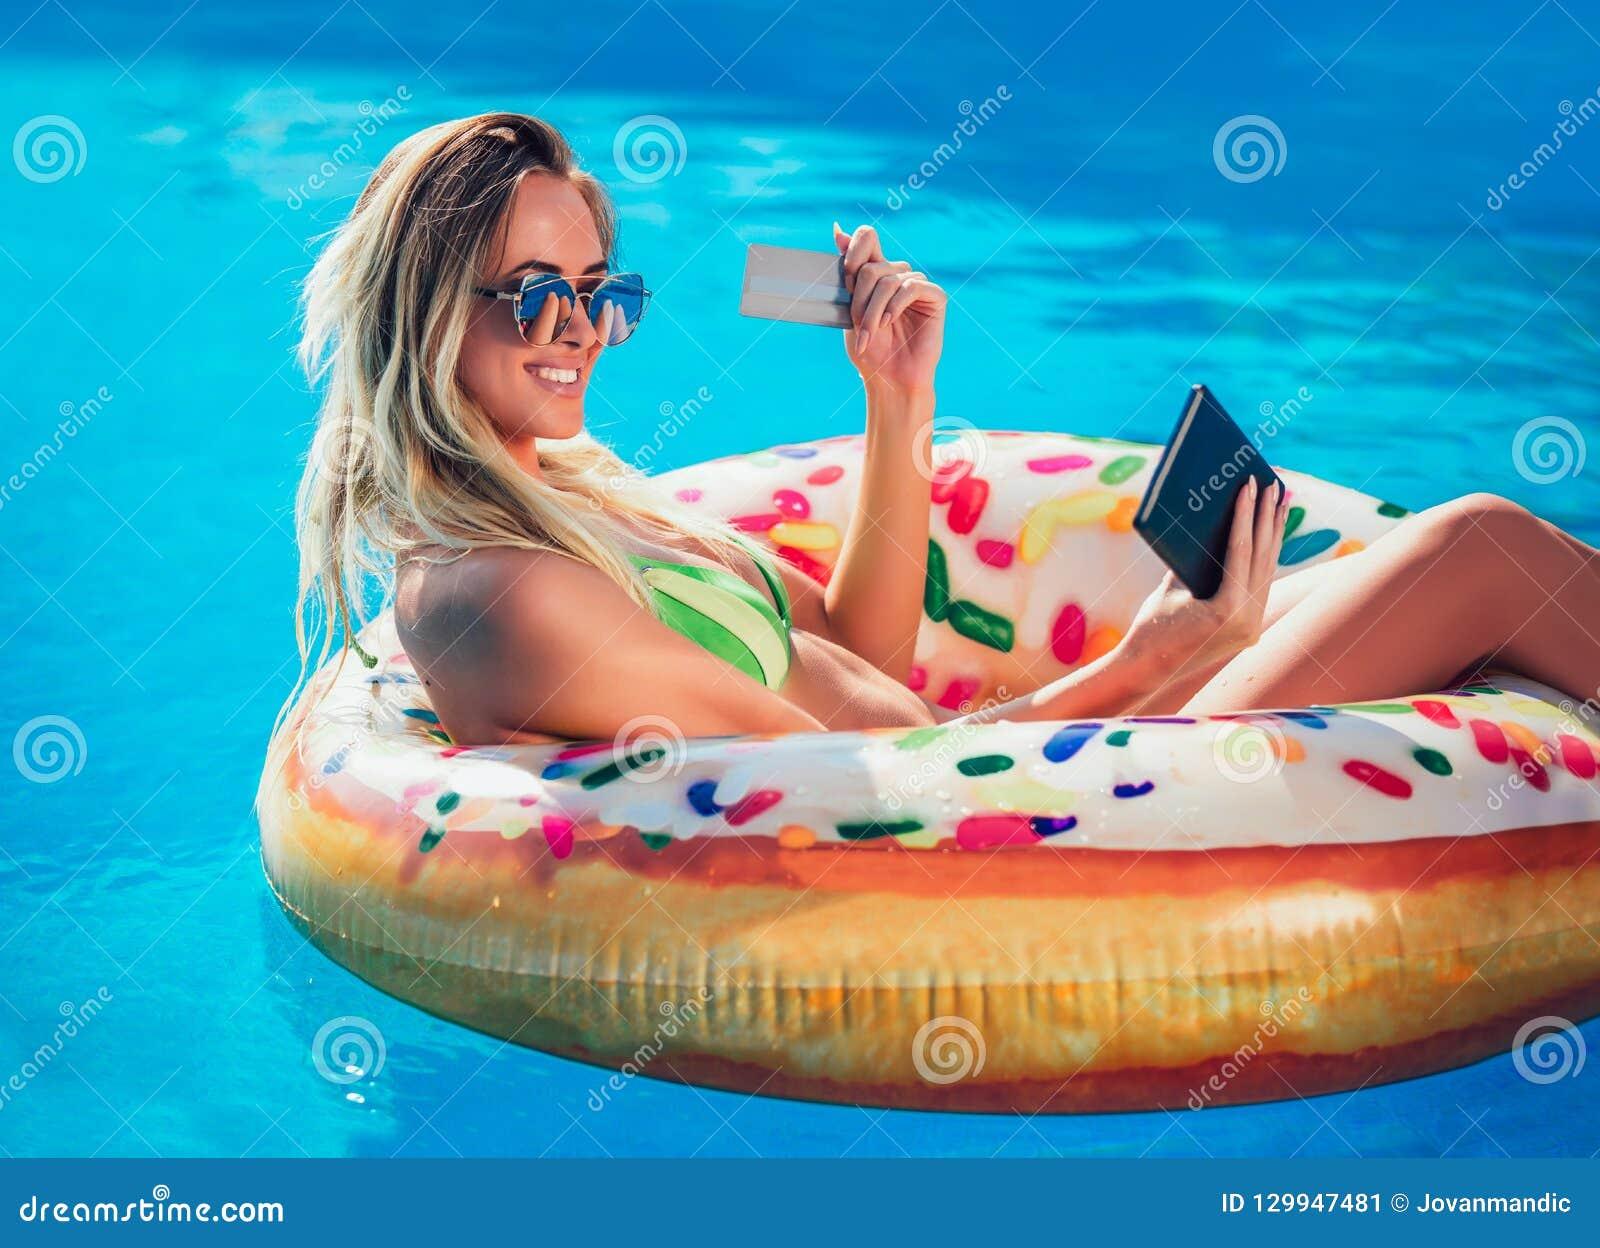 Njoying-Sonnenbräune Frau im Bikini auf der aufblasbaren Matratze im Swimmingpool unter Verwendung der digitalen Tablette und der